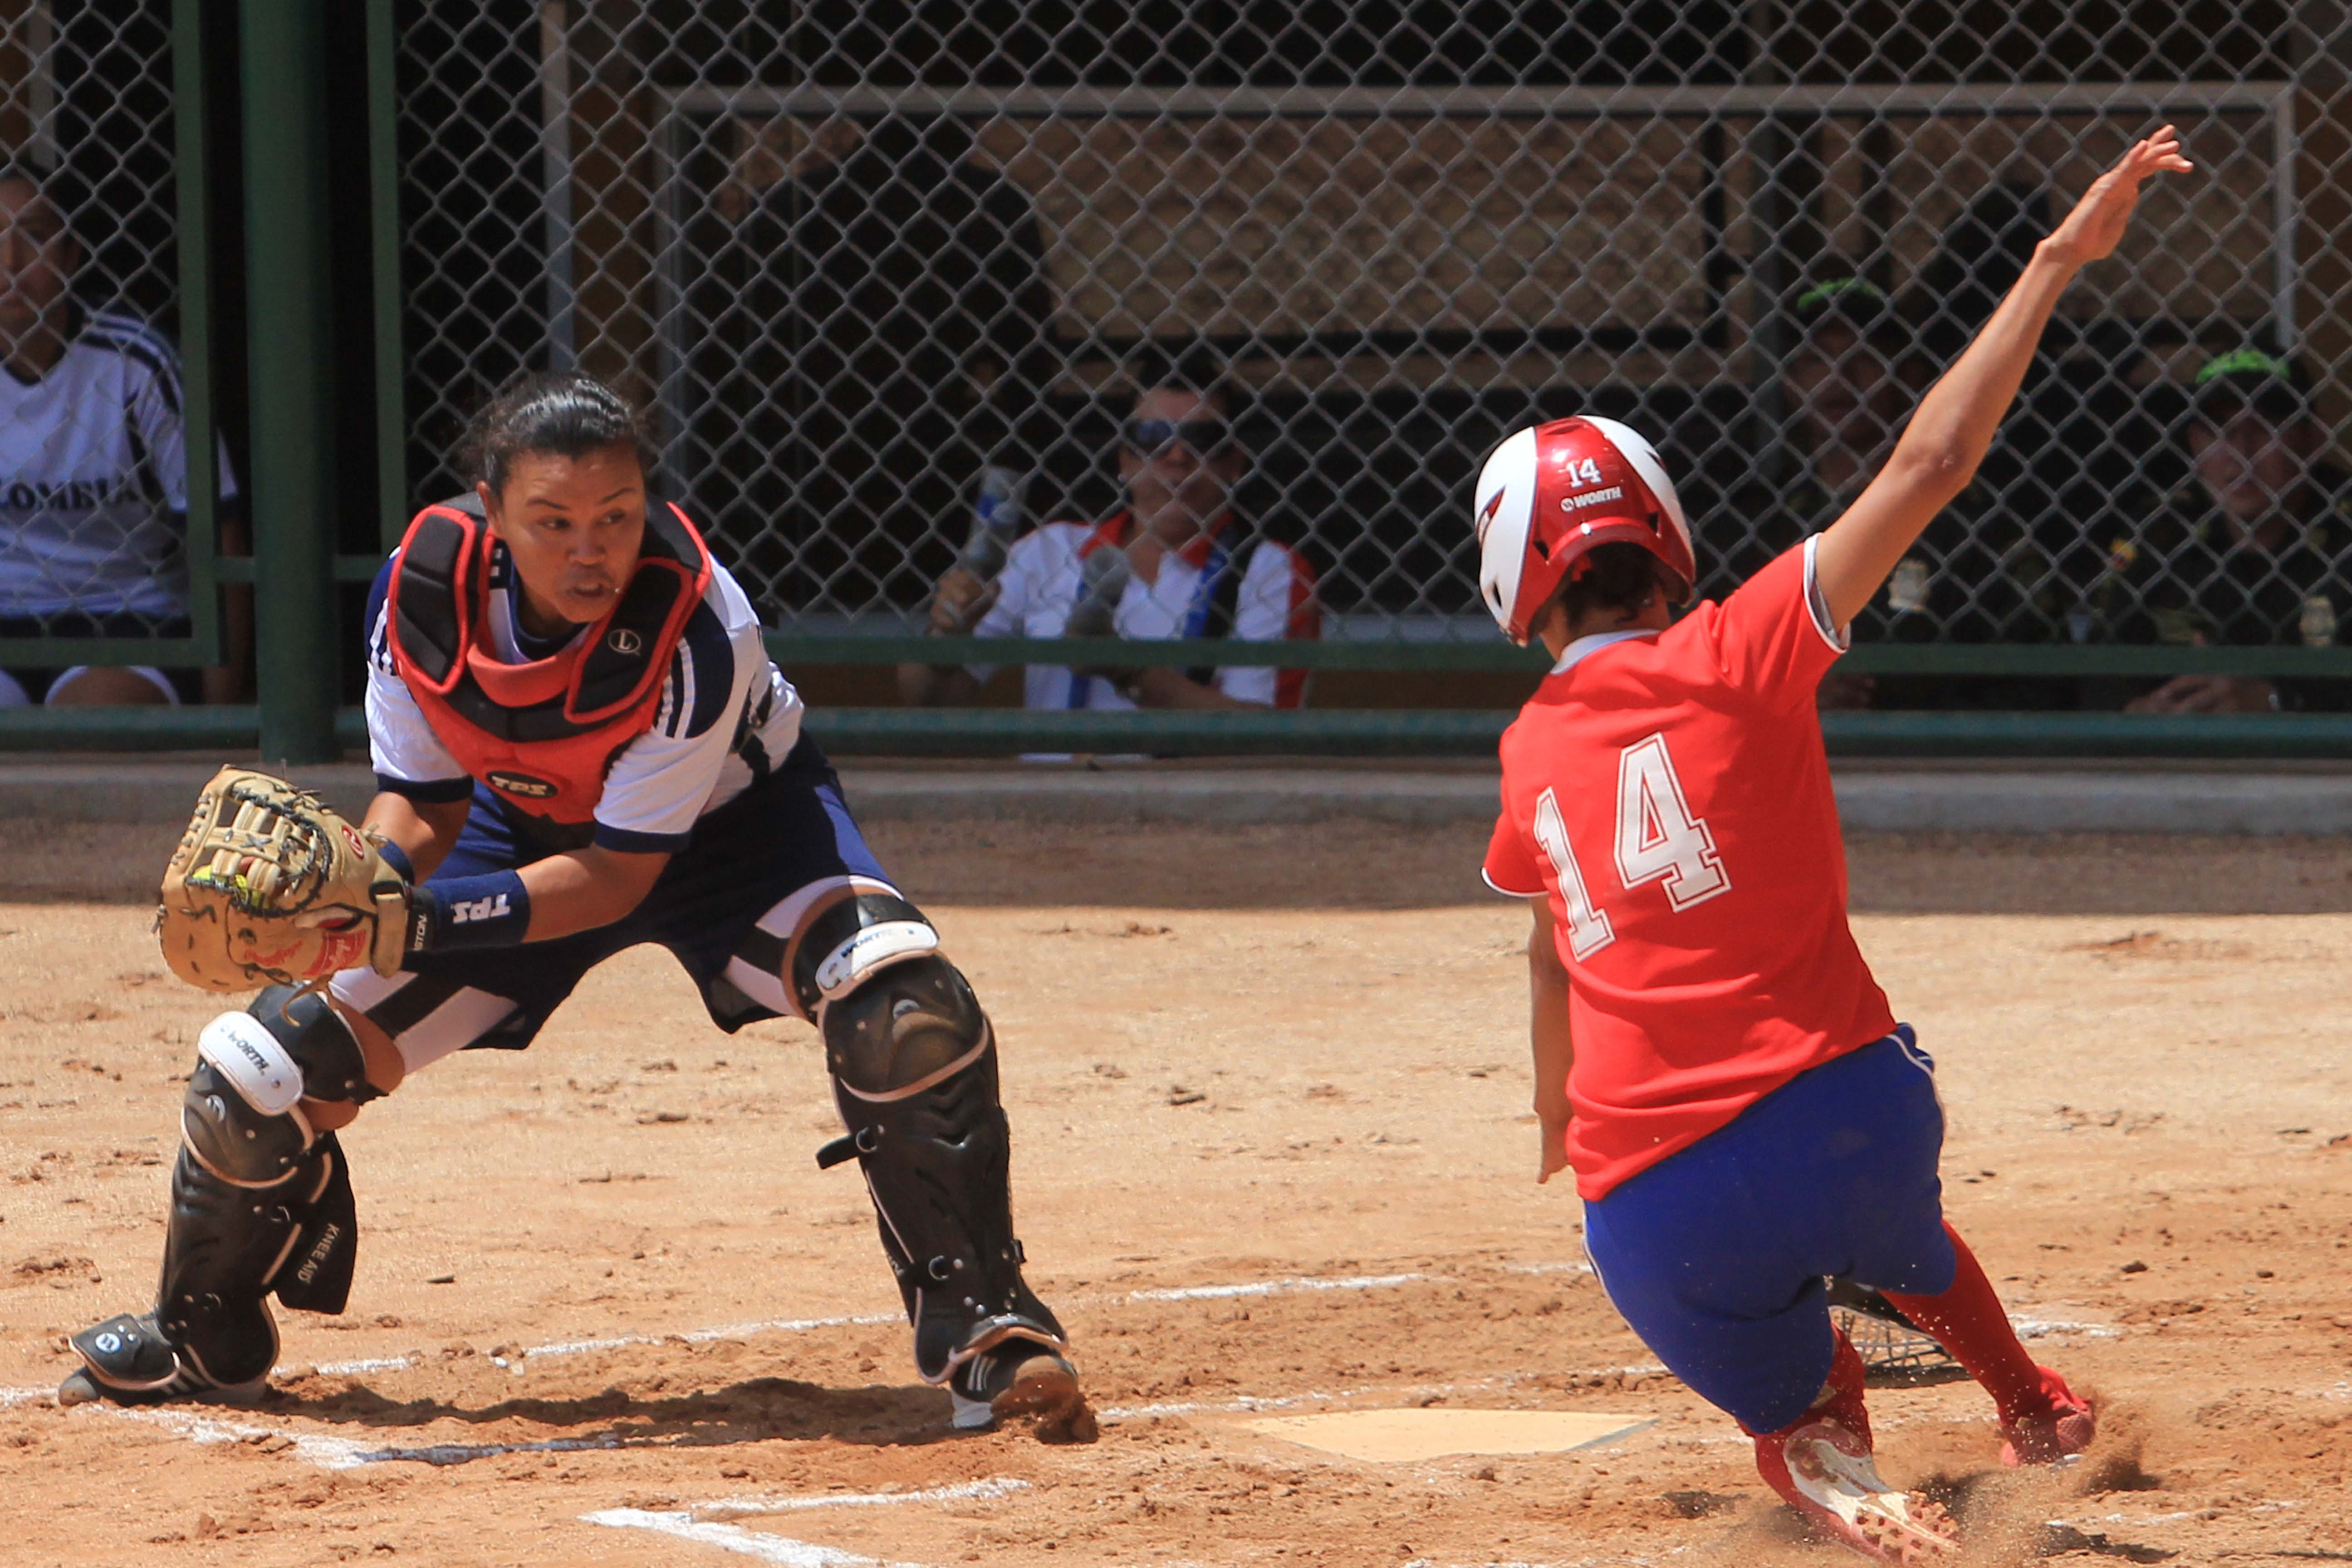 El softball también es protagonista en los Juegos Mundiales Cali 2013